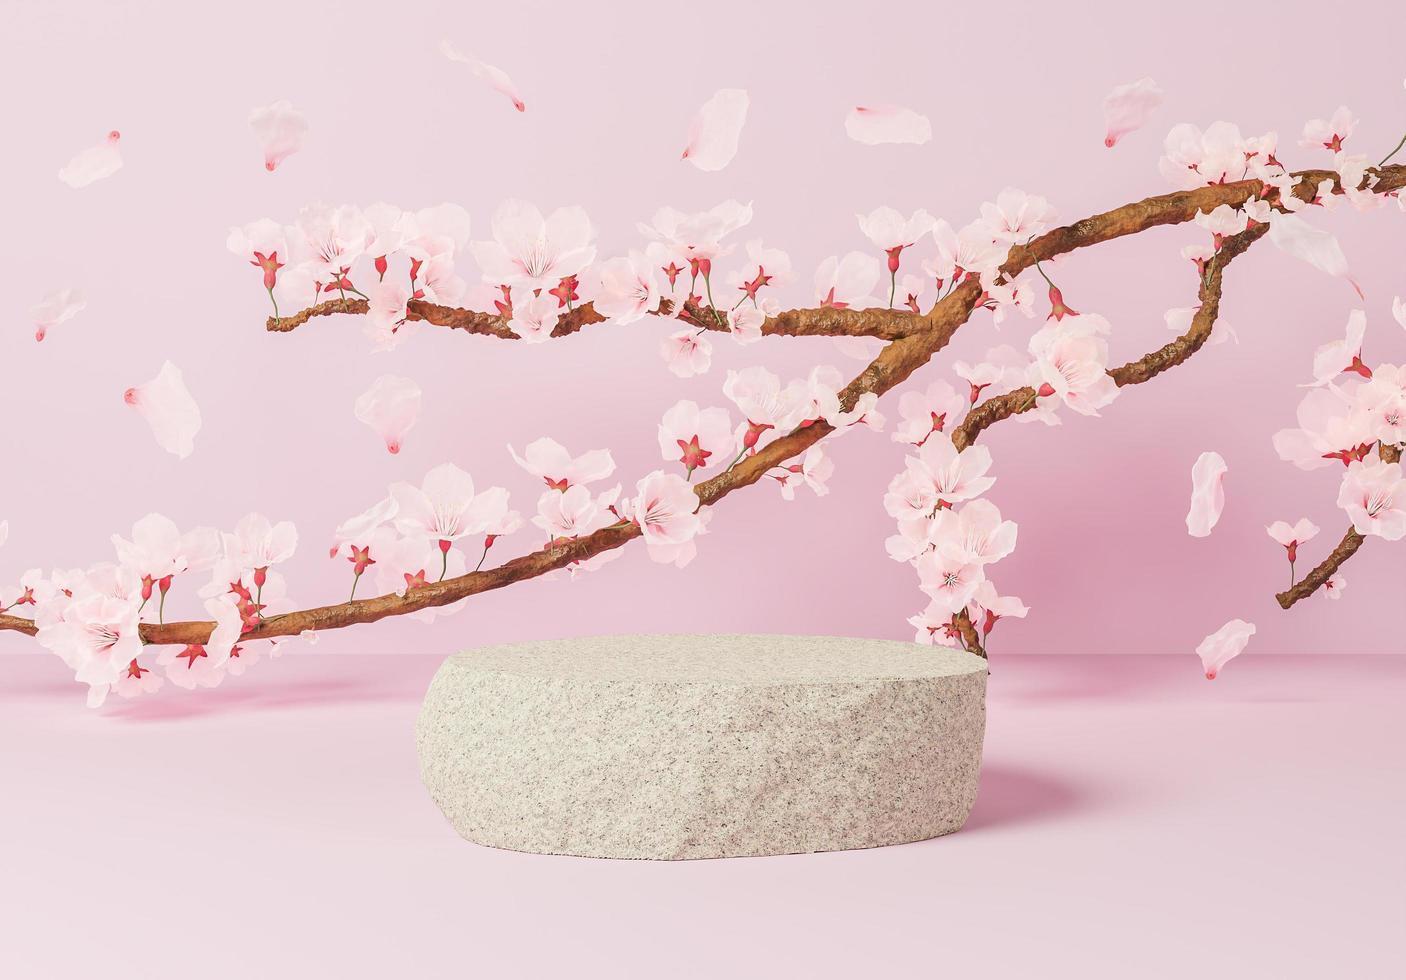 roccia per la presentazione del prodotto con un ramo pieno di fiori di ciliegio, illustrazione 3d foto